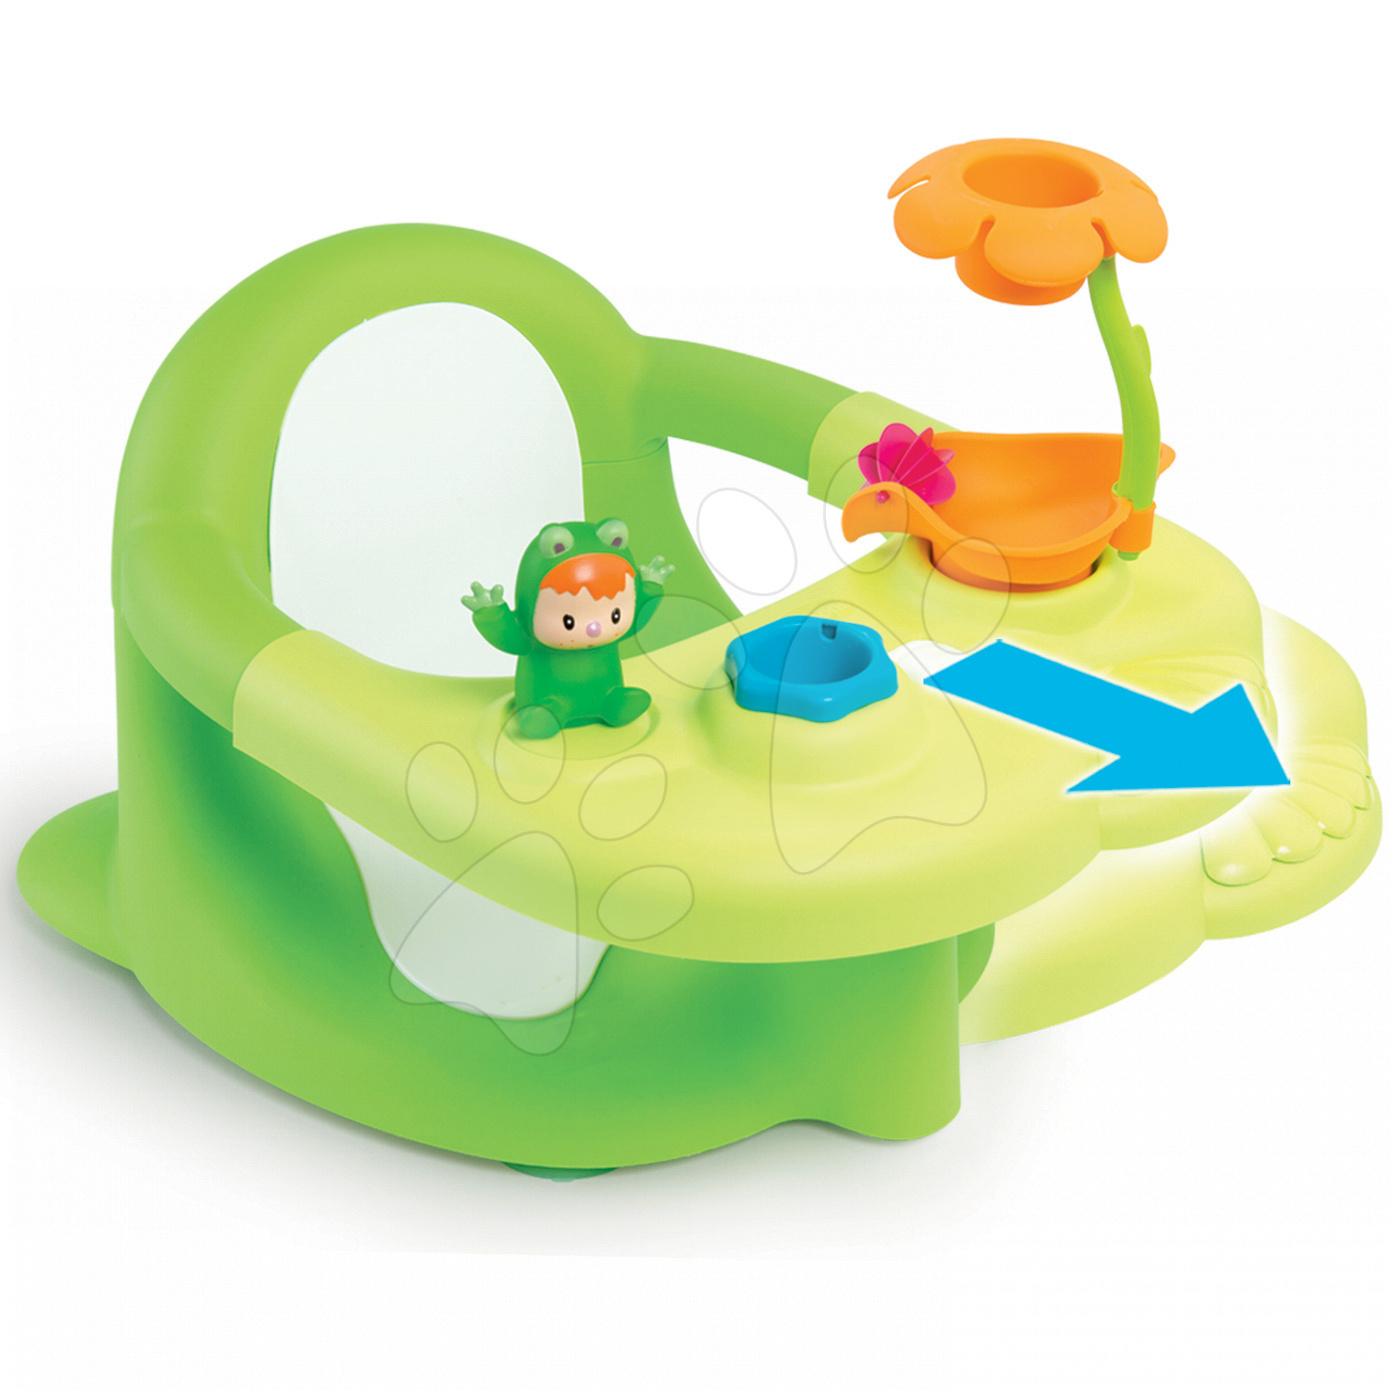 Sedátko do vody Cotoons Žaba Smoby zelené od 6 mes